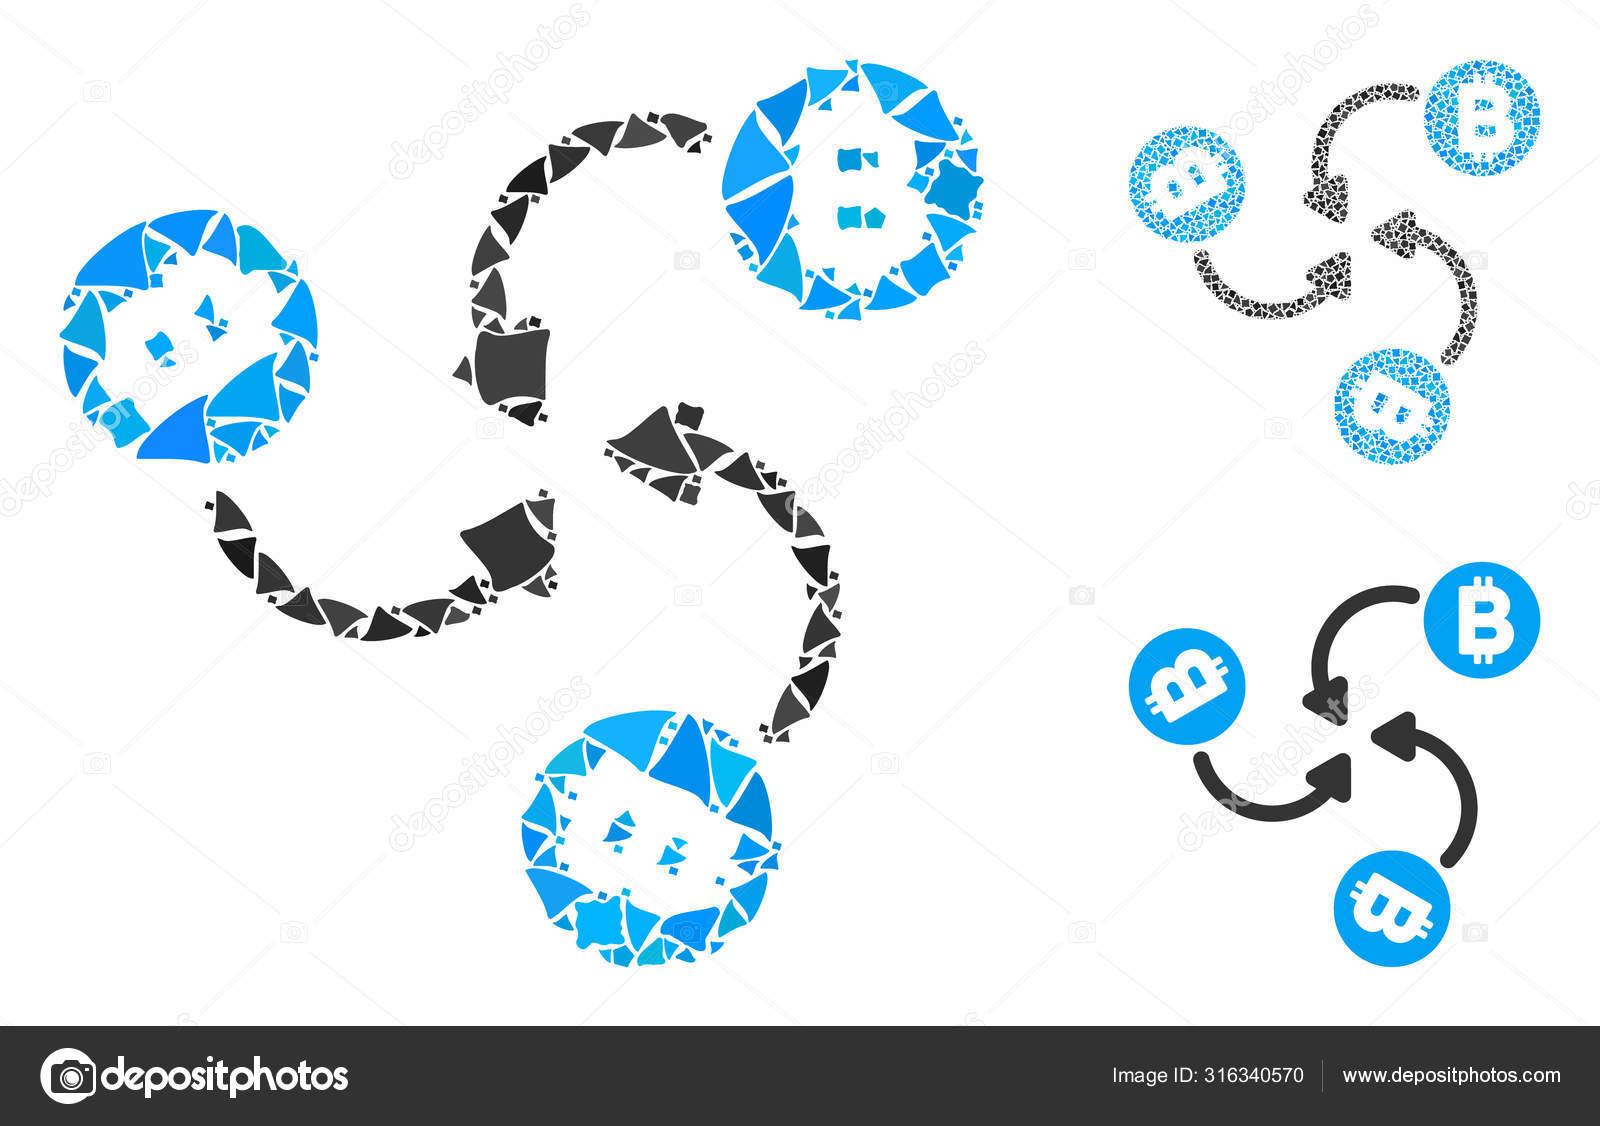 Vigyázz, scam! Nem minden bitcoin mixer az aminek látszik